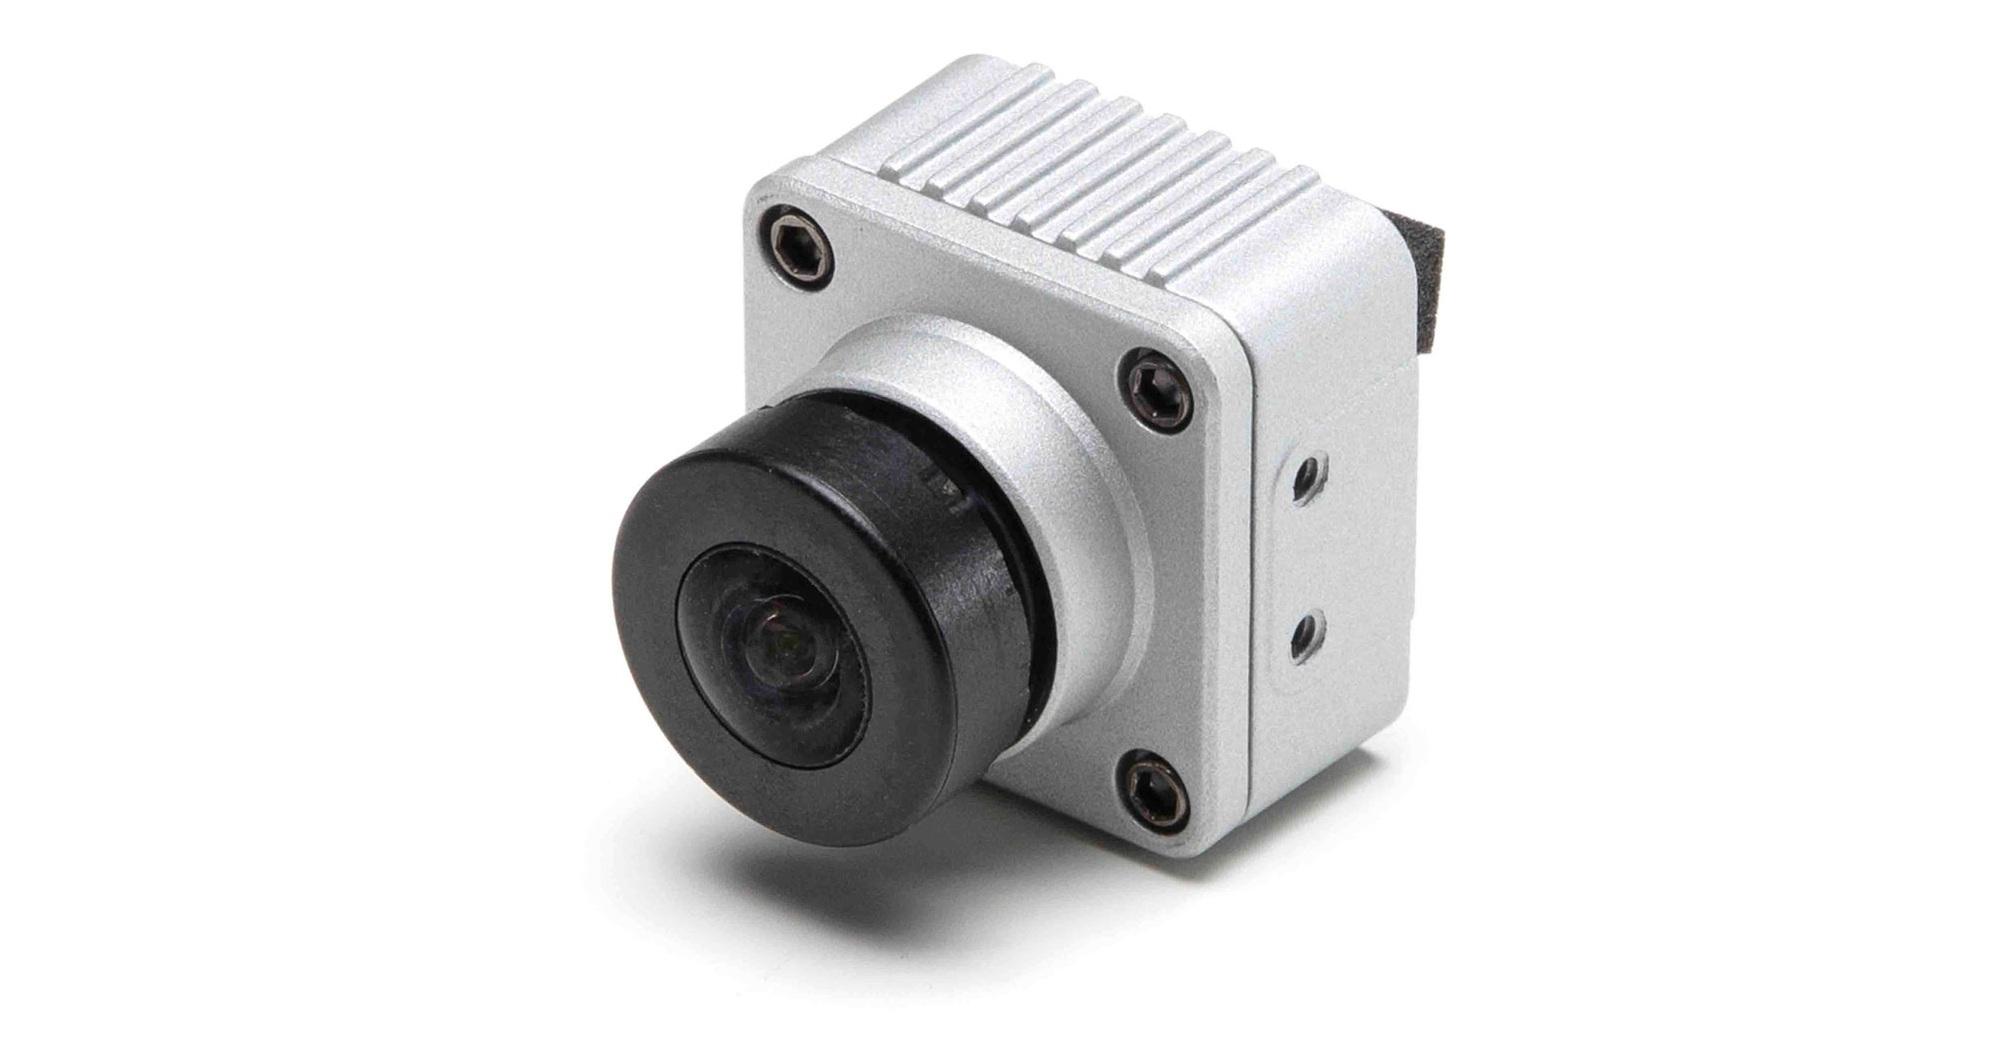 DJI FPV Cameracó thiết kế linh hoạt, lắp đặt nhanh chóng, thuận tiện